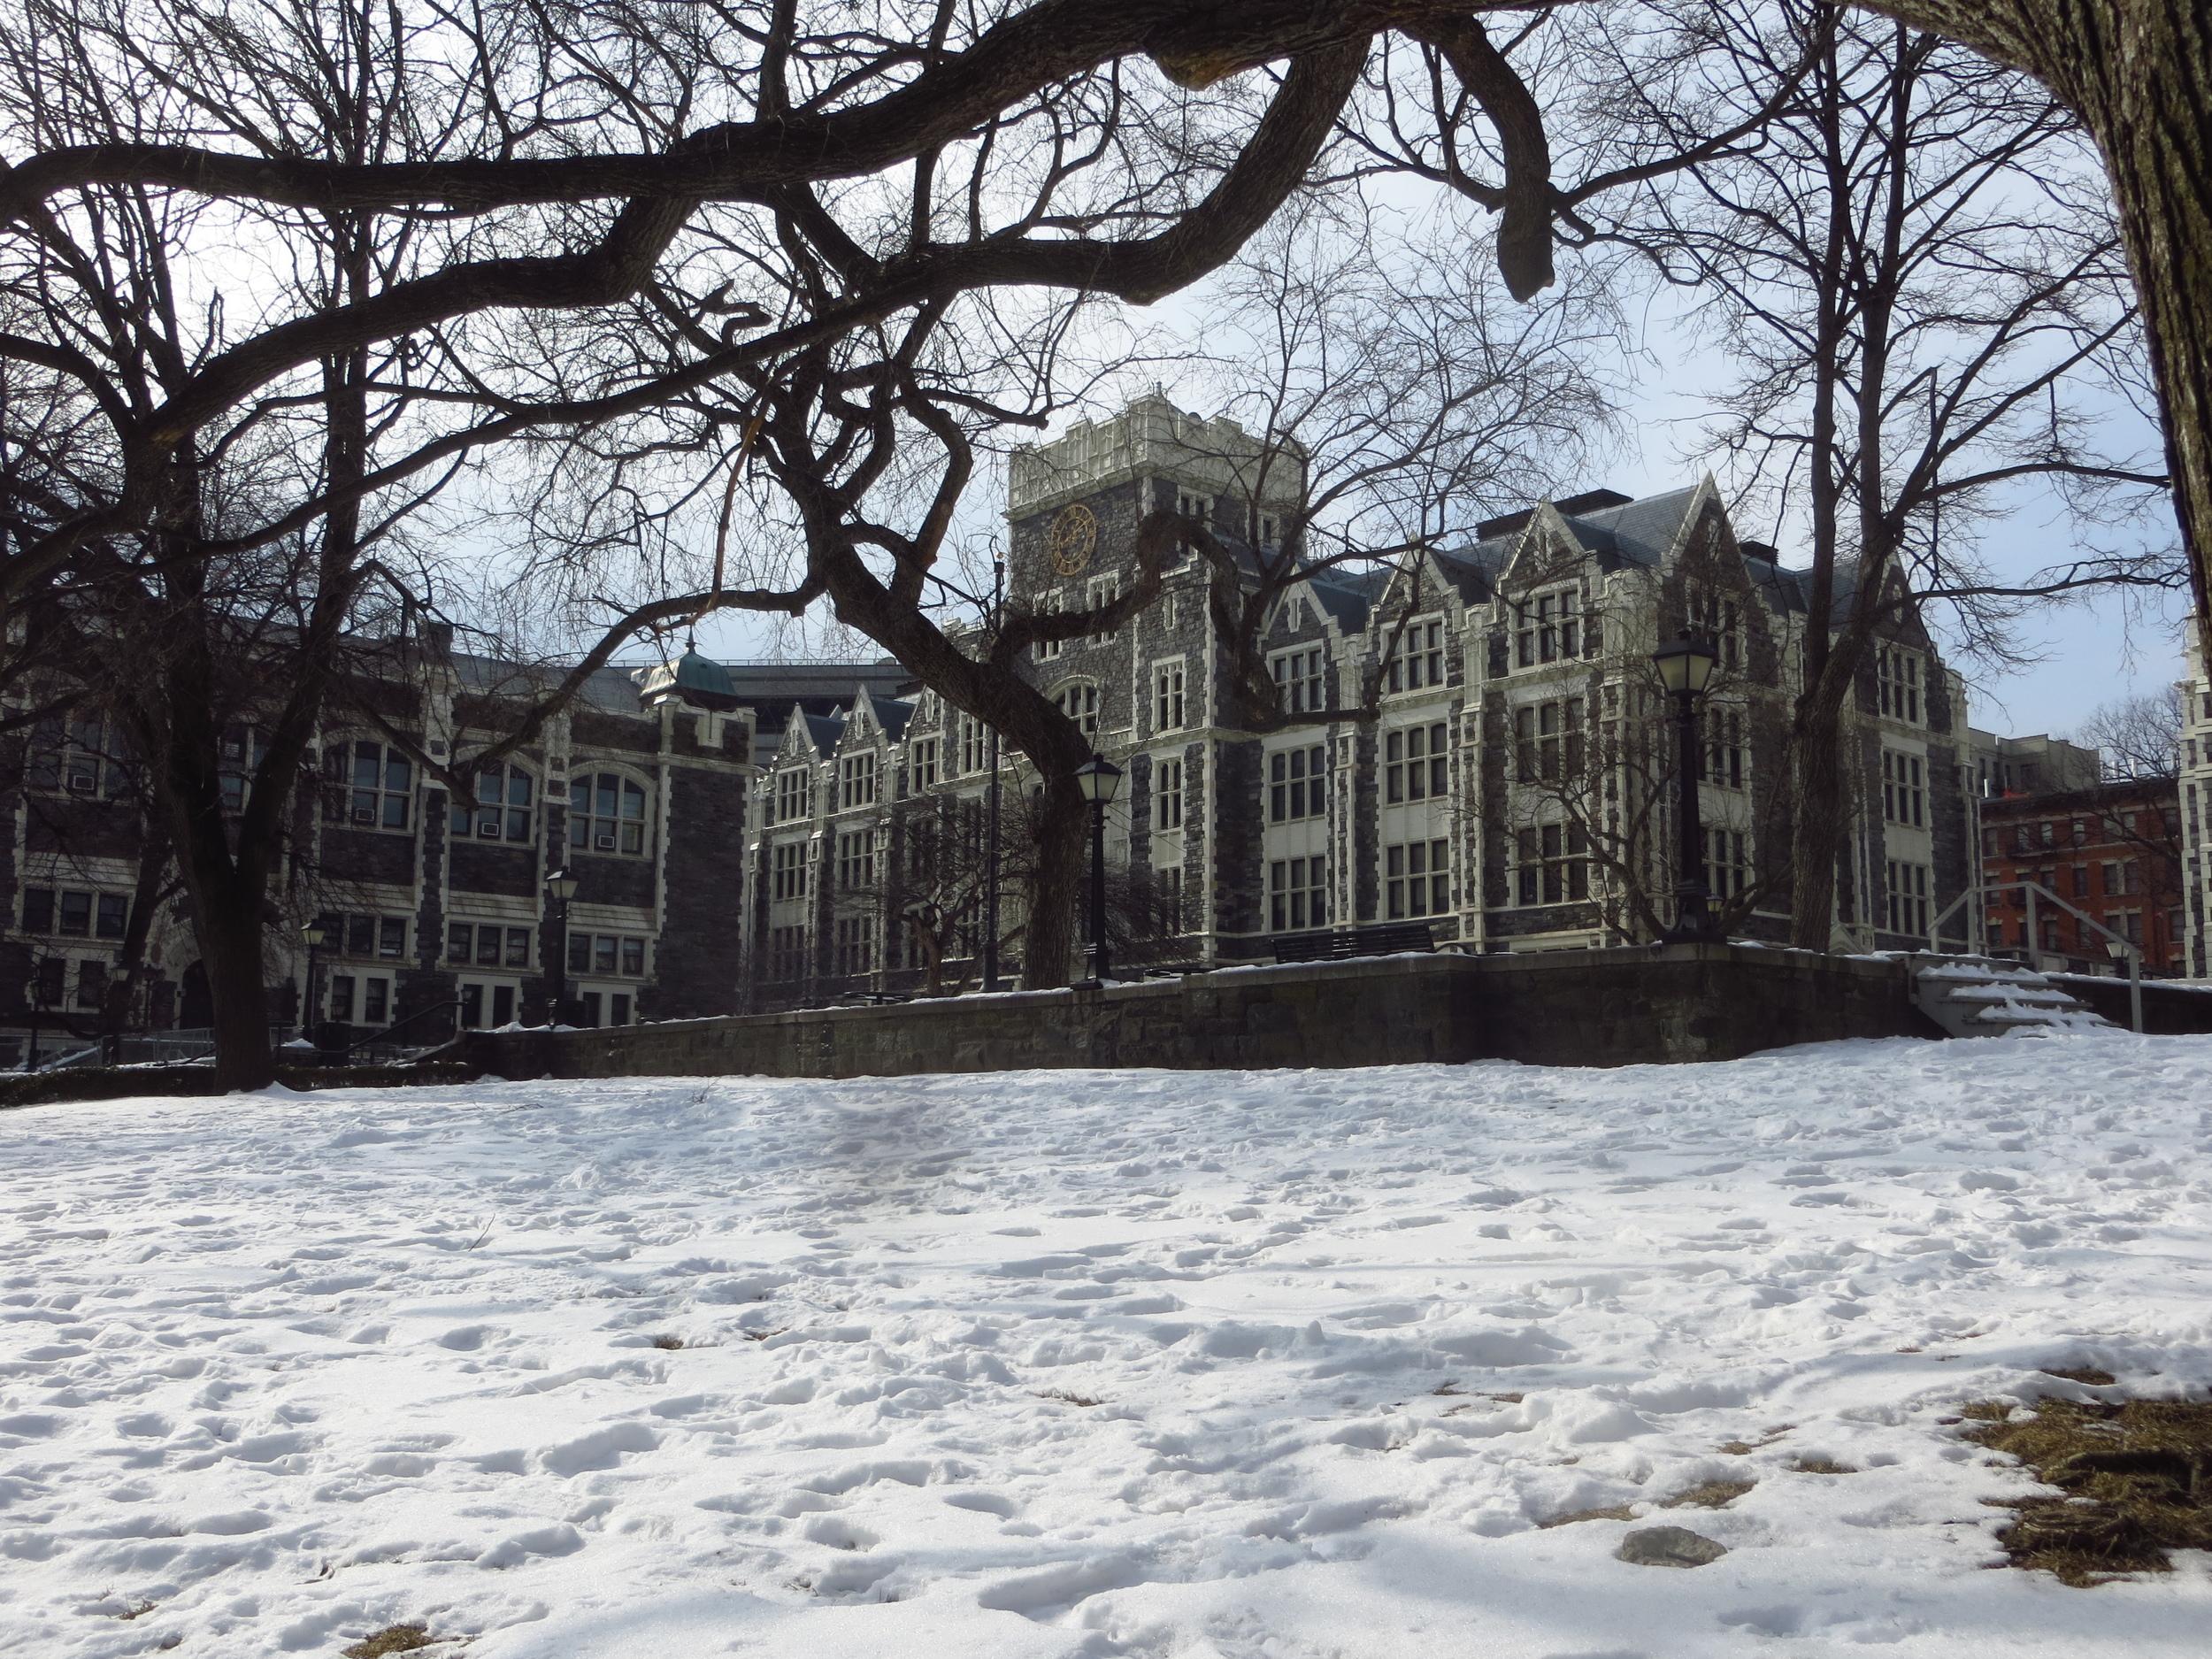 More City College campus